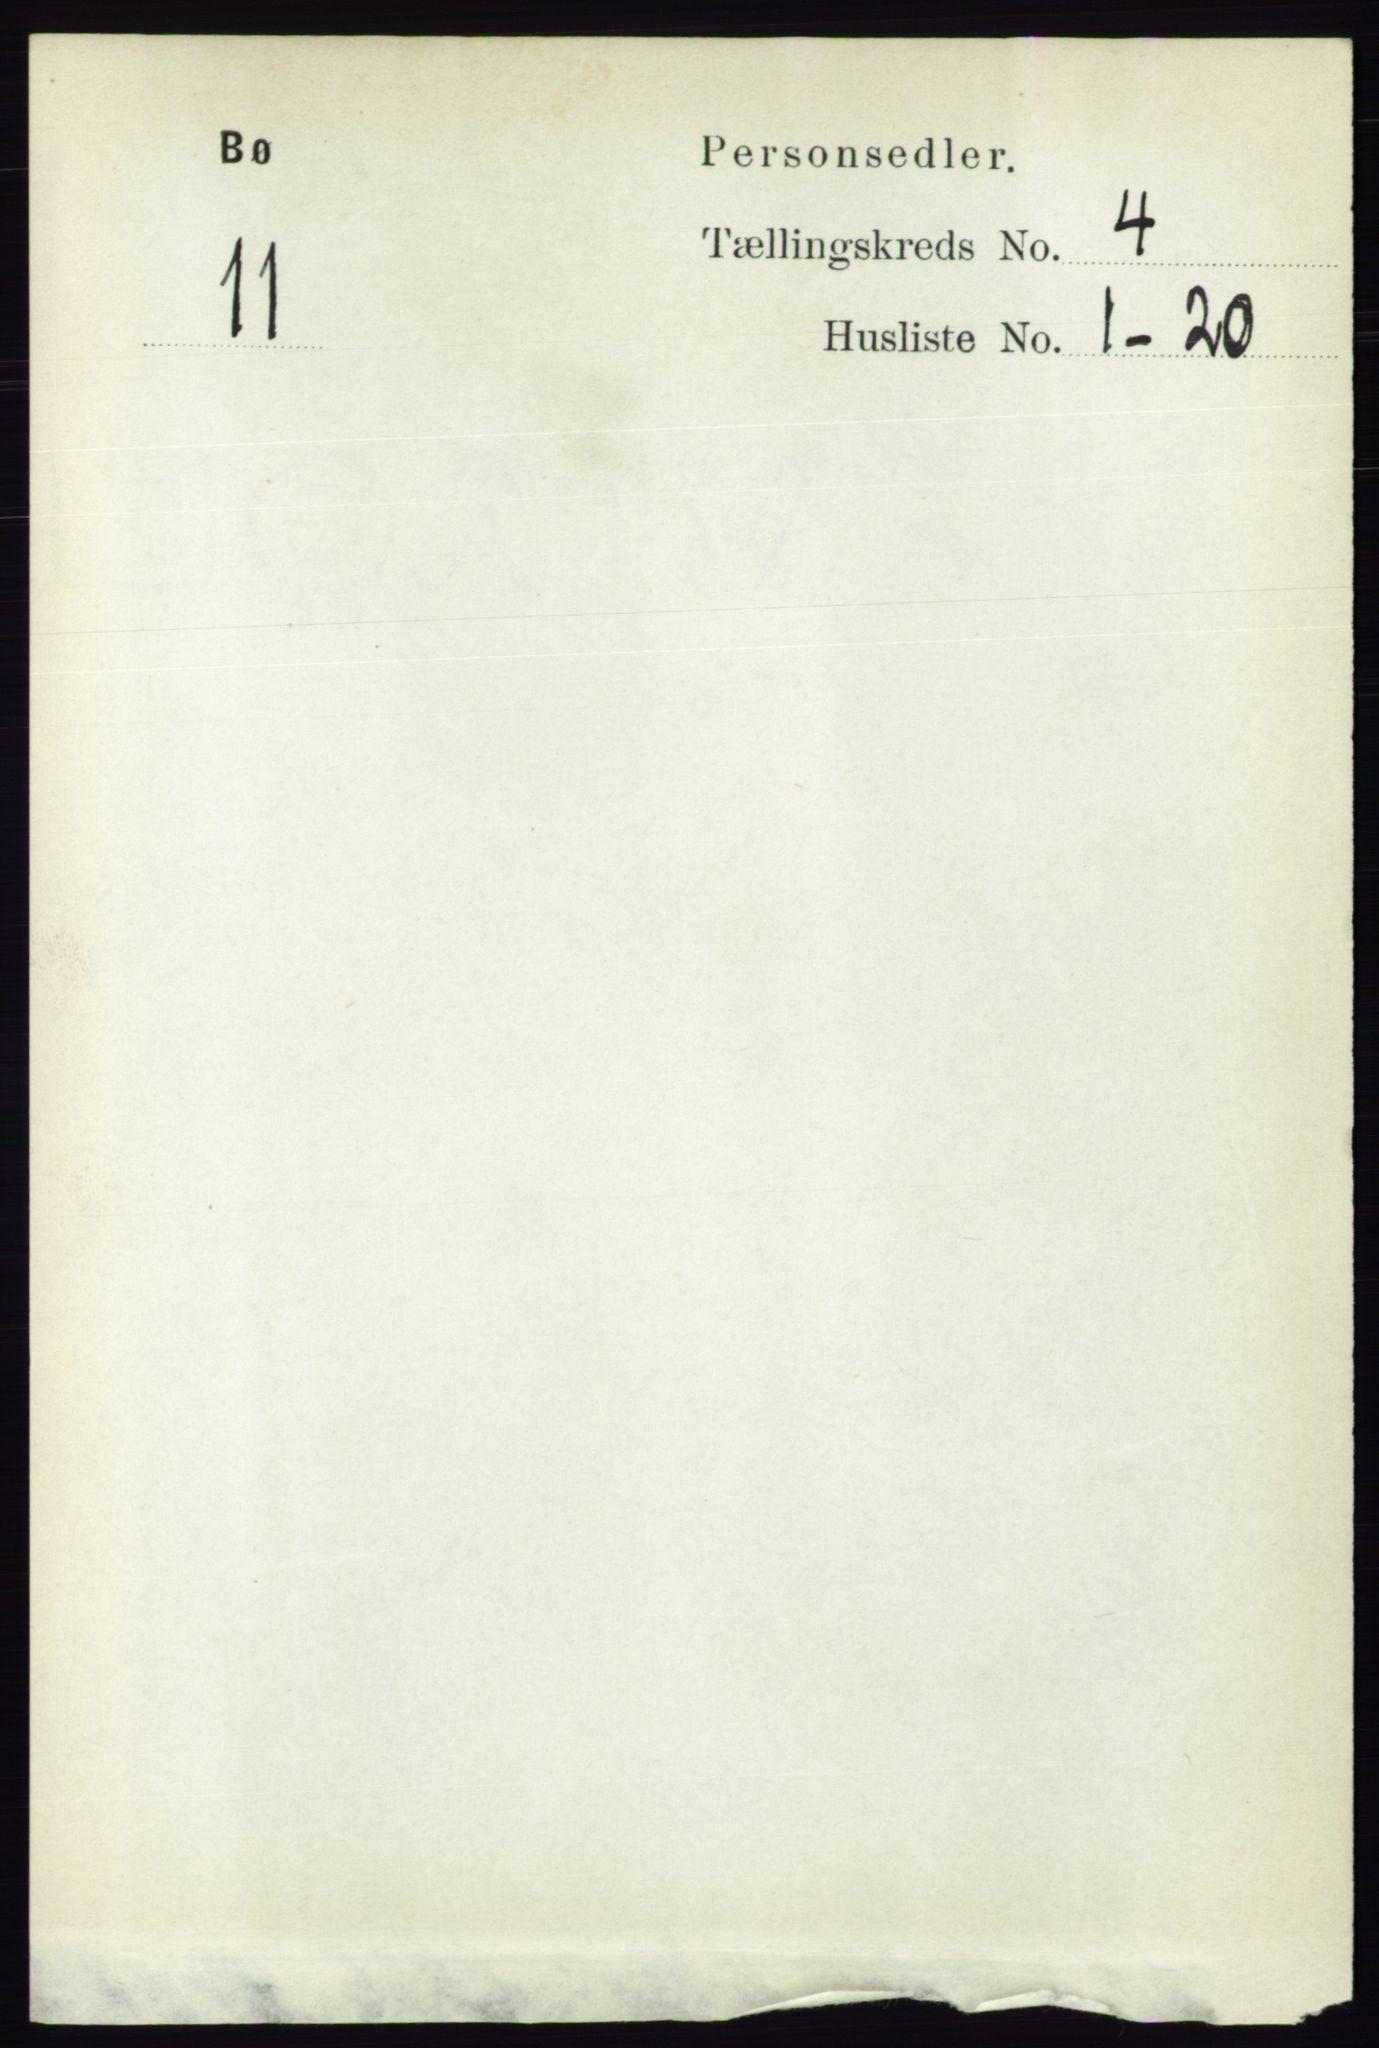 RA, Folketelling 1891 for 0821 Bø herred, 1891, s. 1223